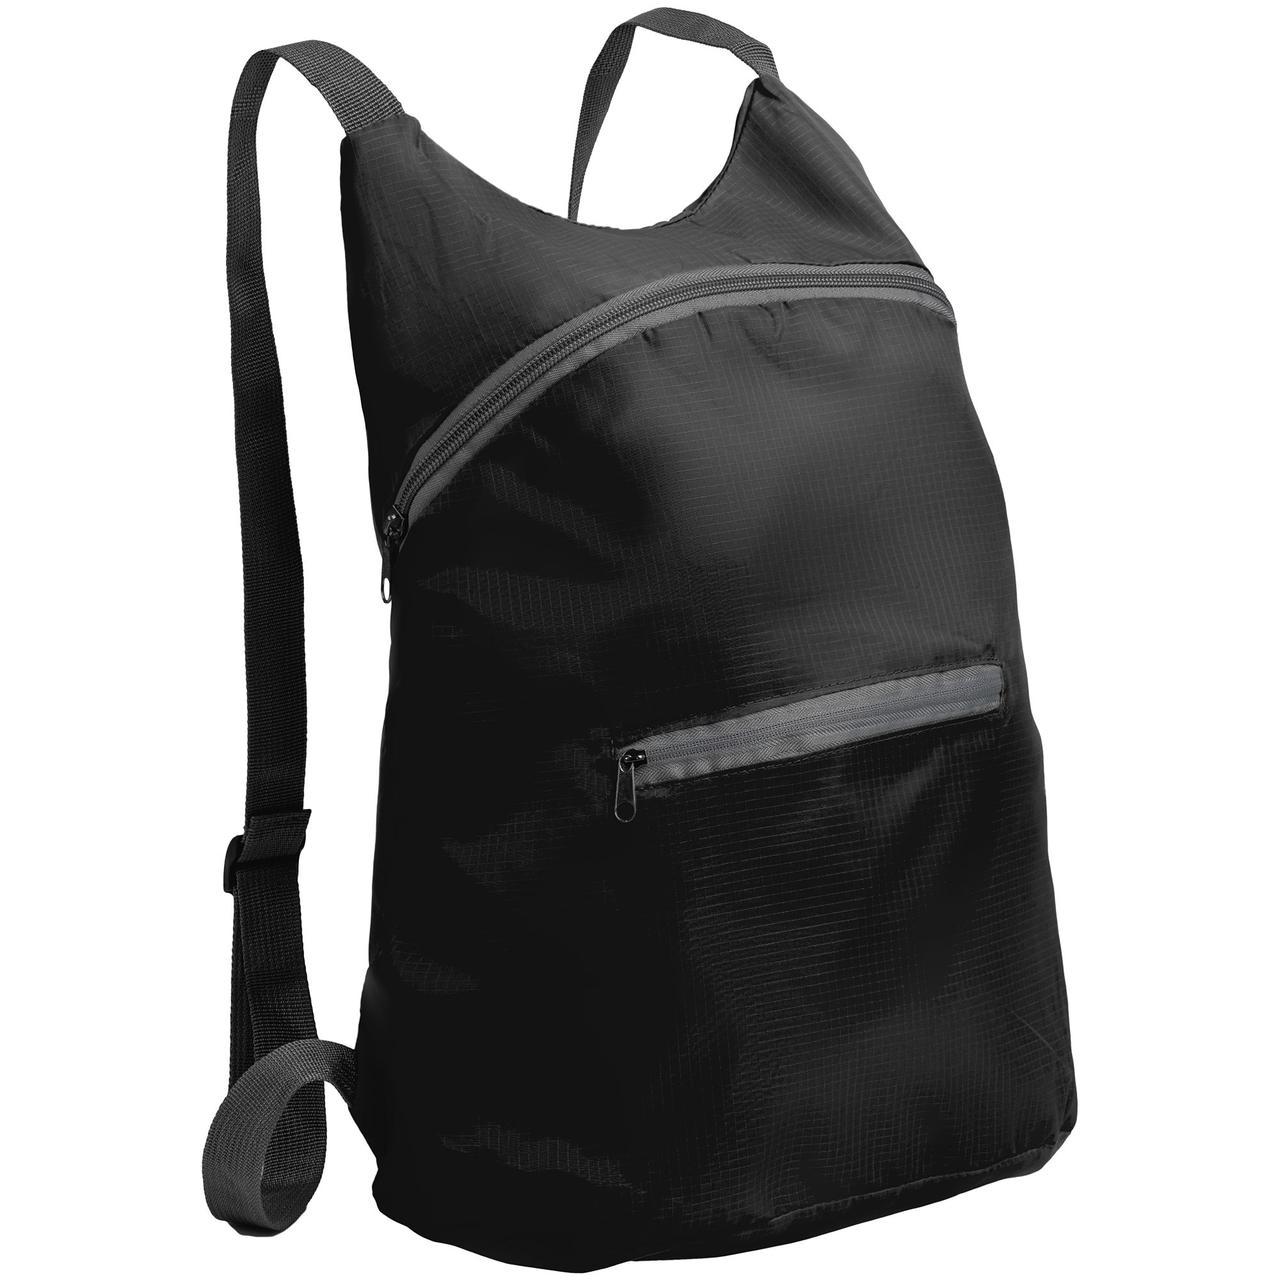 Складной рюкзак Barcelona, черный (артикул 12672.30)